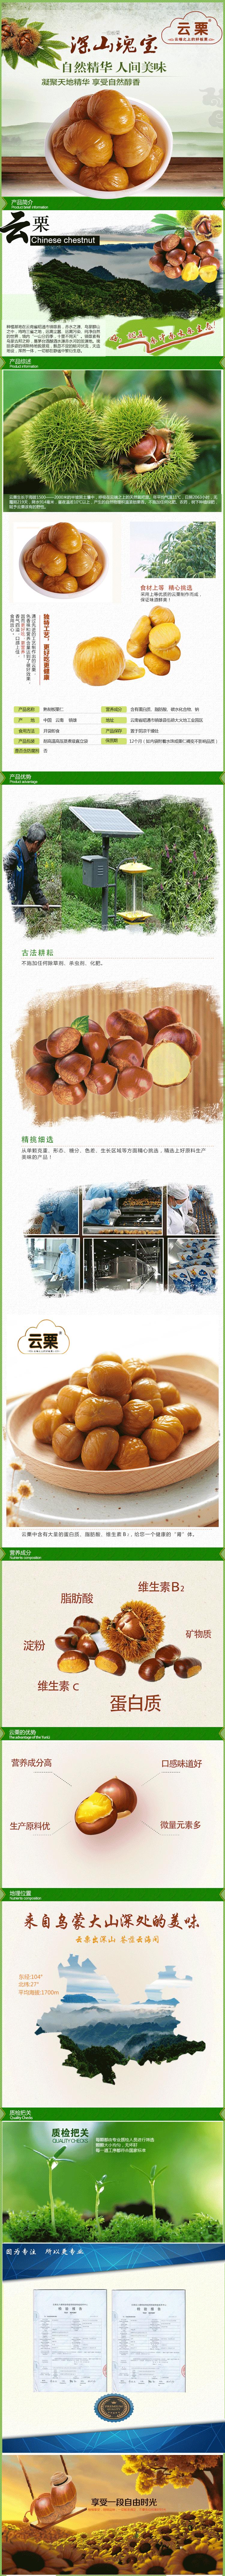 感恩云栗详情图.png